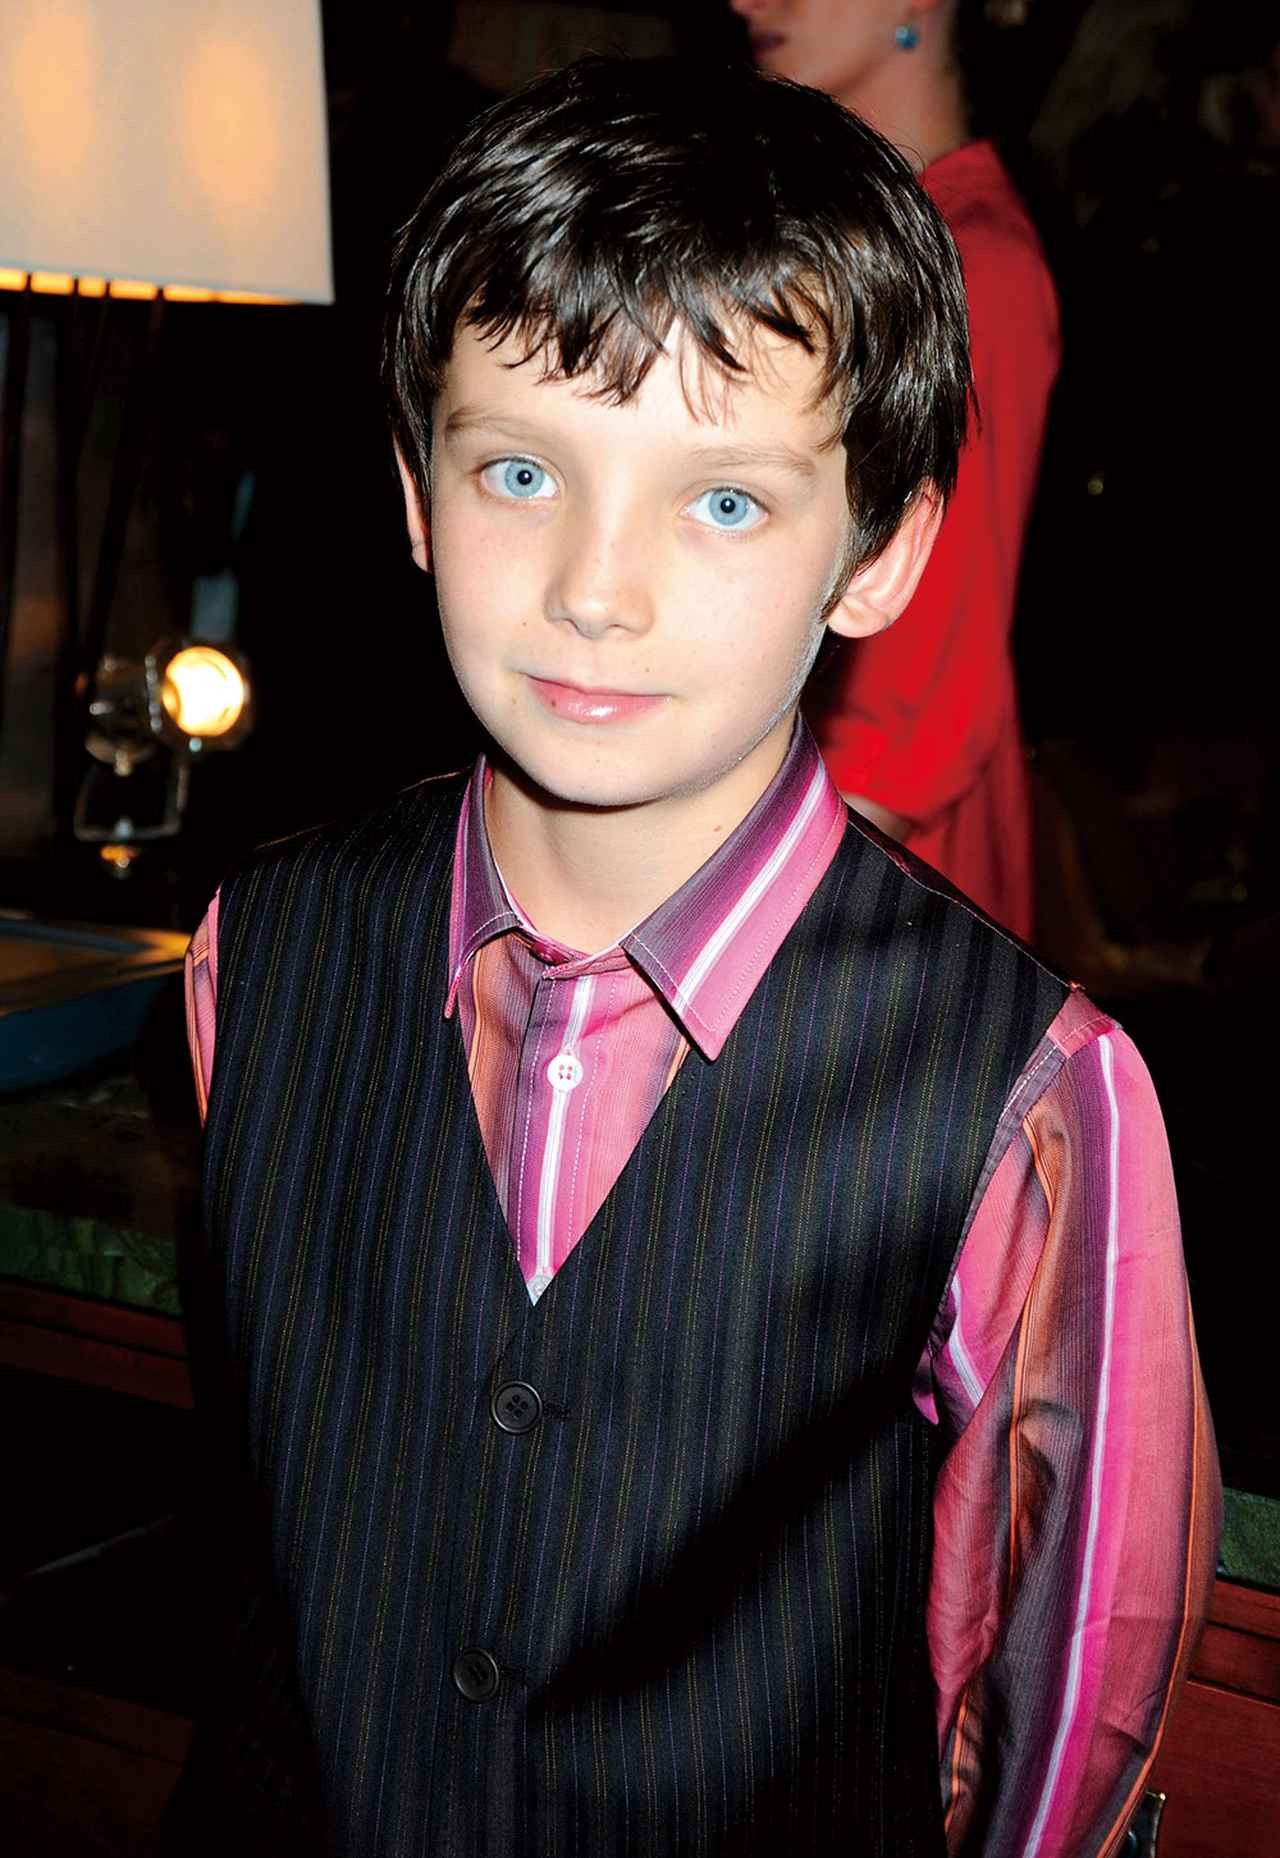 画像: 11 years old Photo by Dave M. Benett/Getty Images